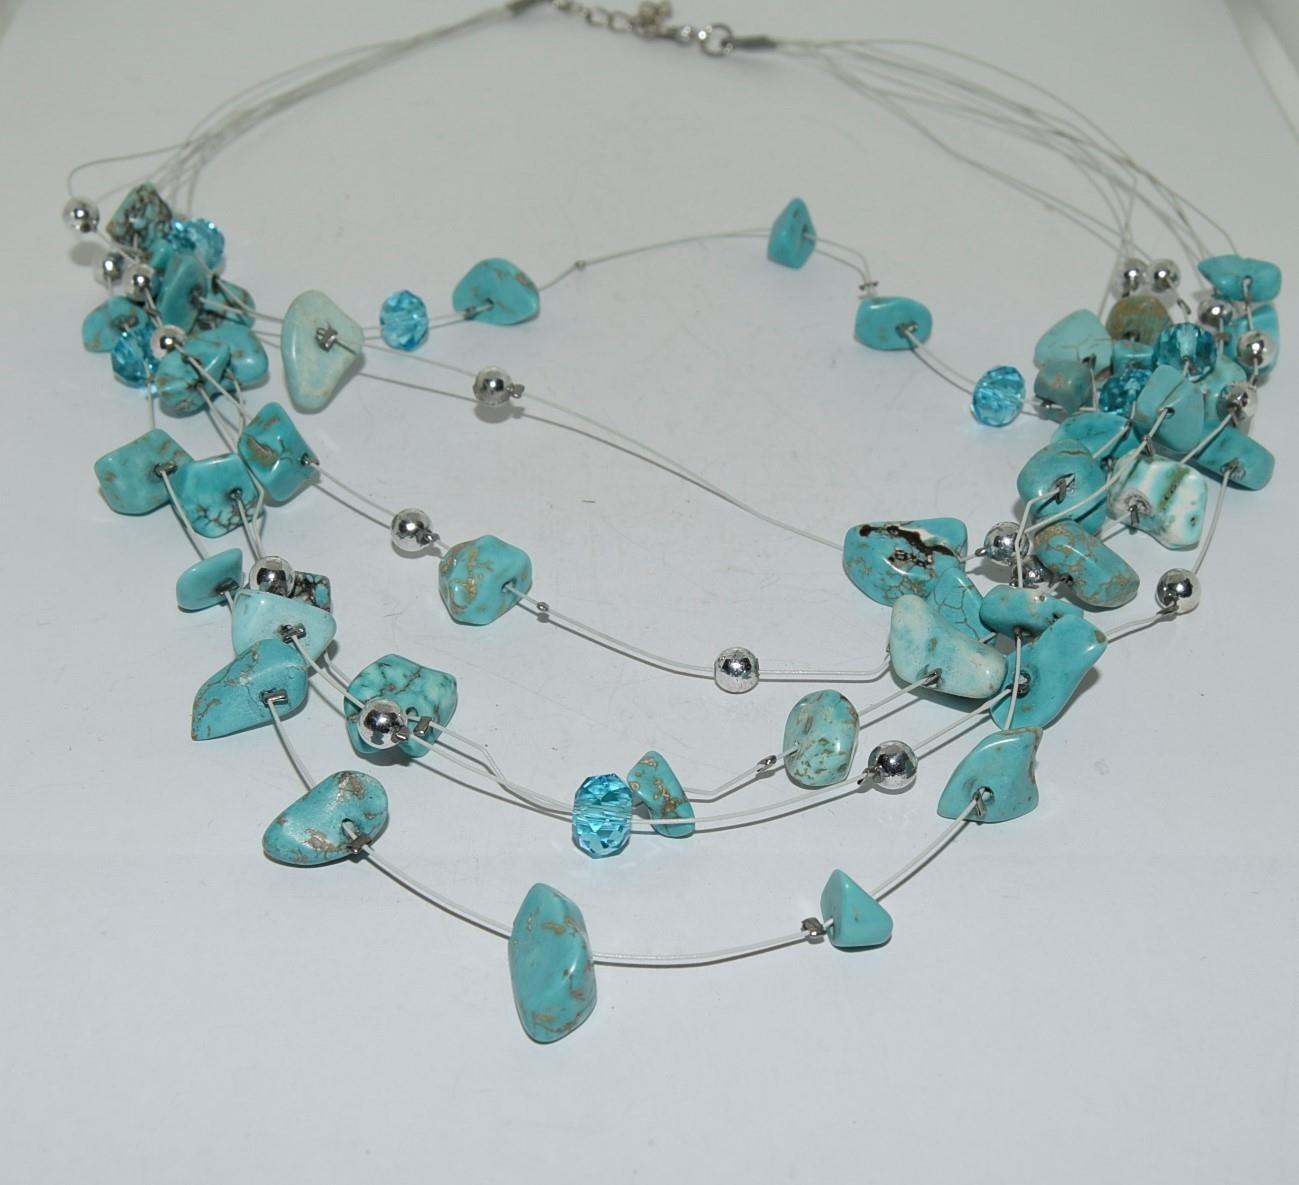 Turquoise Gemstone necklace and bracelet. - Image 2 of 3